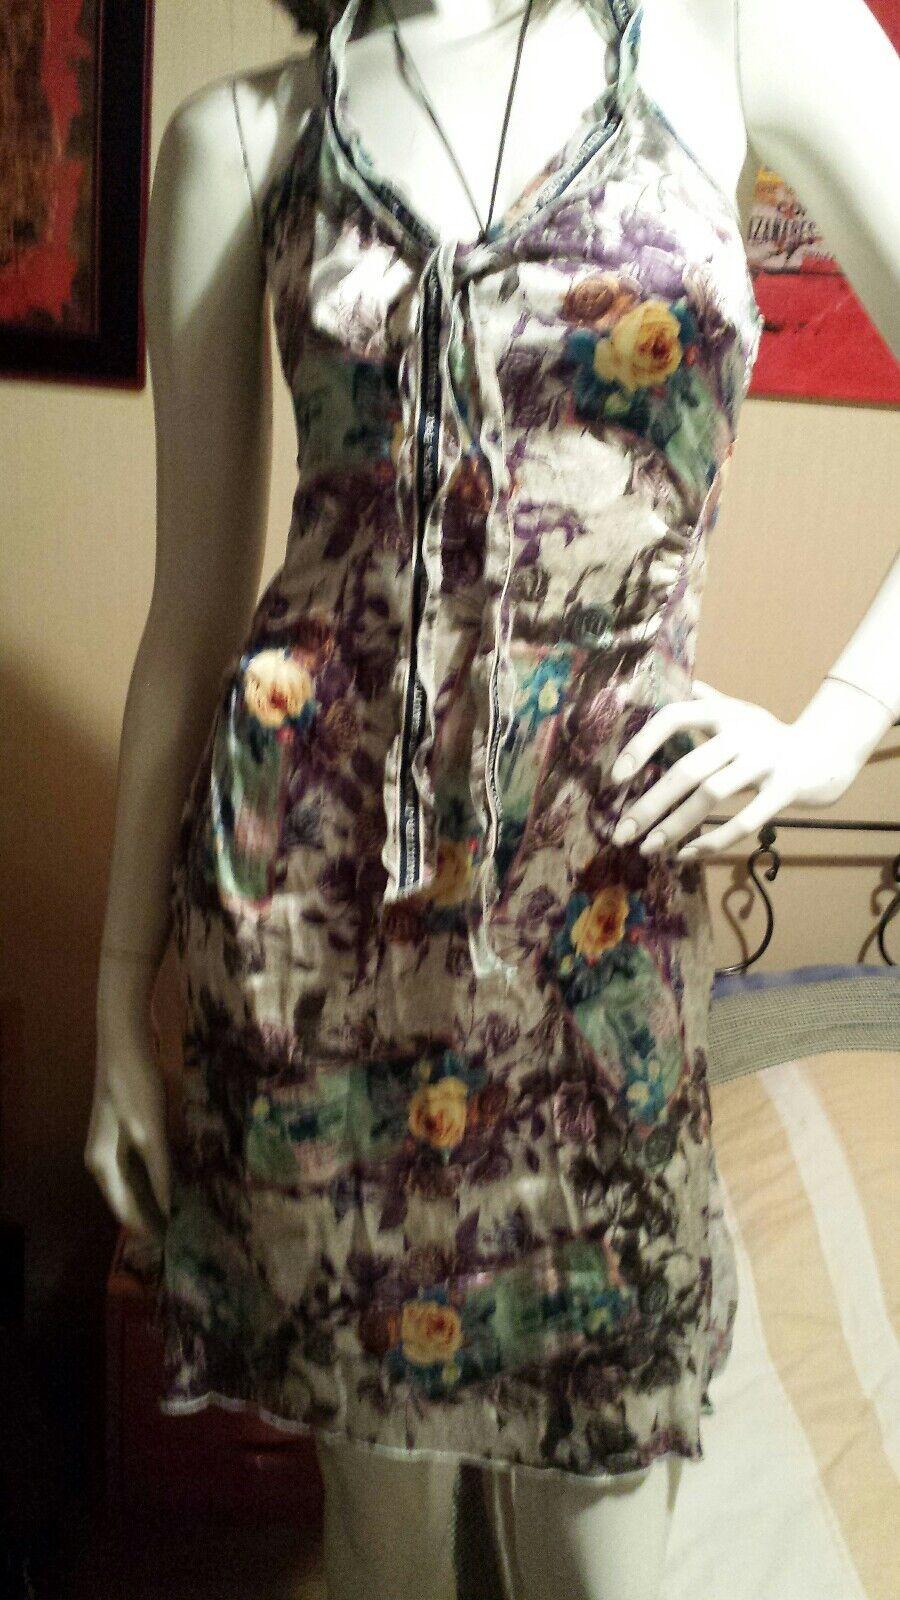 Robe en soie Jean's Jean Paul Gaultier motifs florales L 40 12.